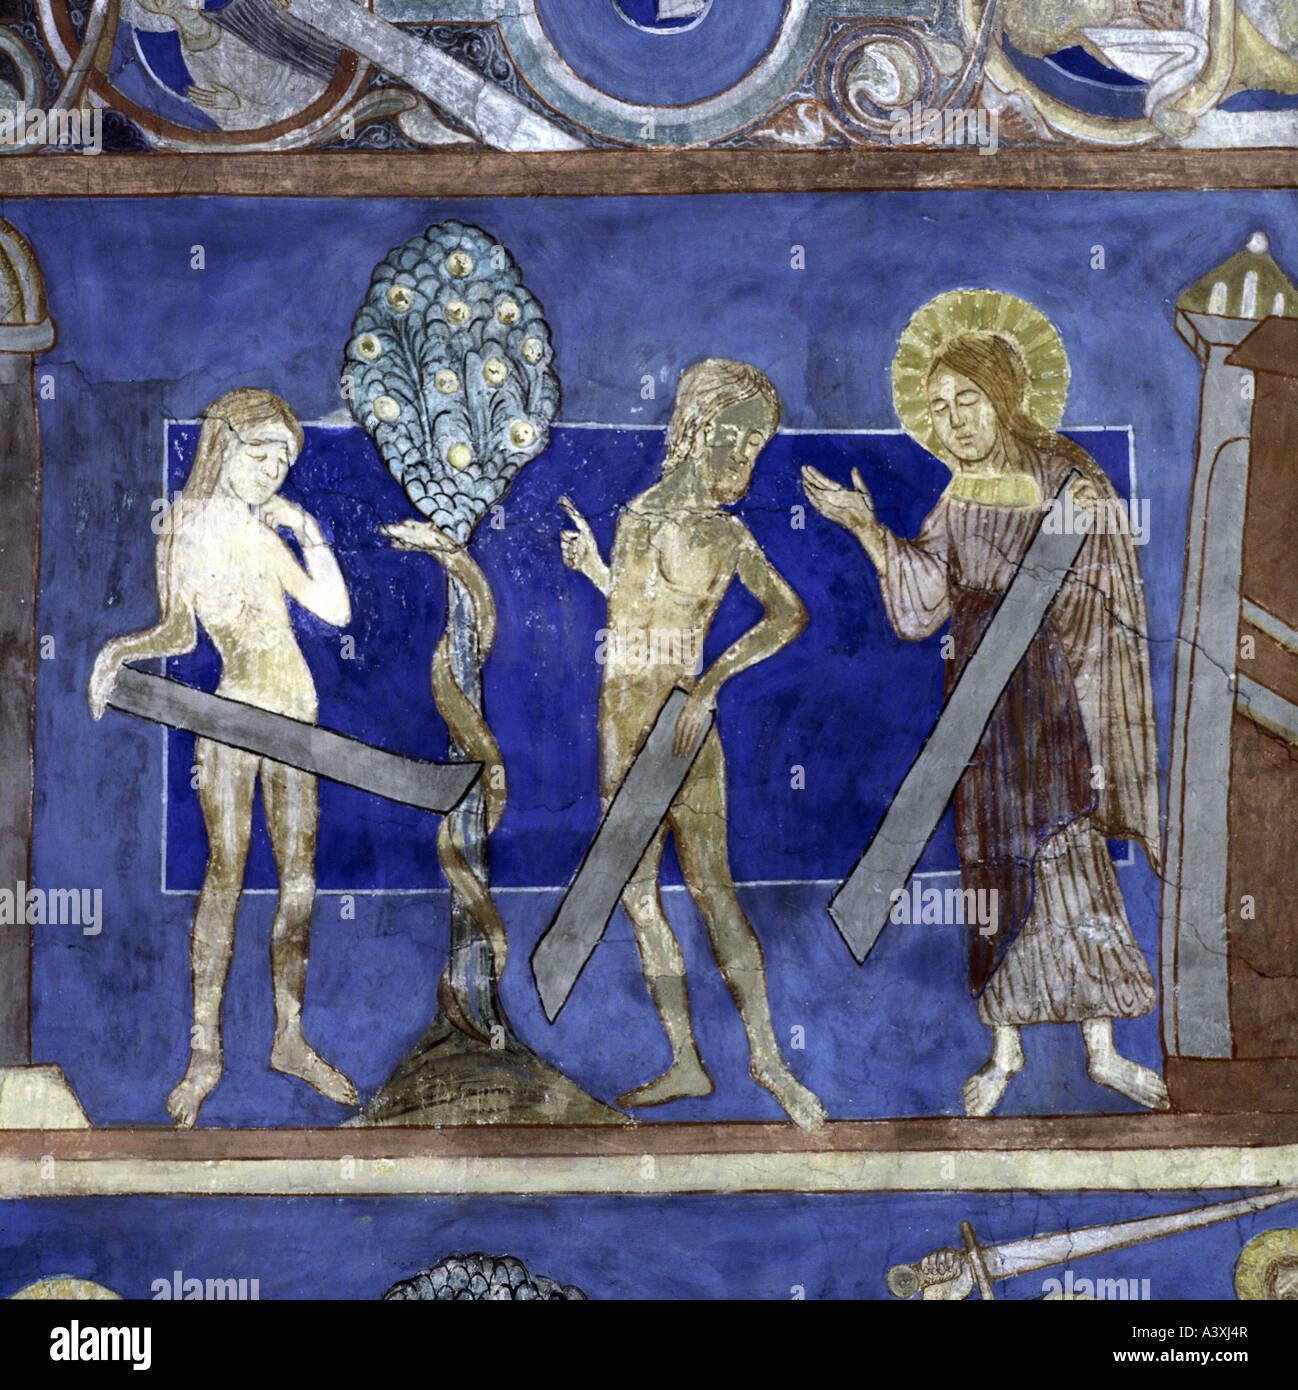 Belle arti, l'arte religiosa, Adamo ed Eva, caduta di uomini, pittura, affresco del XIII secolo, Chiesa di Bjäresjö, Ystad, Europa, Svezia, Foto Stock